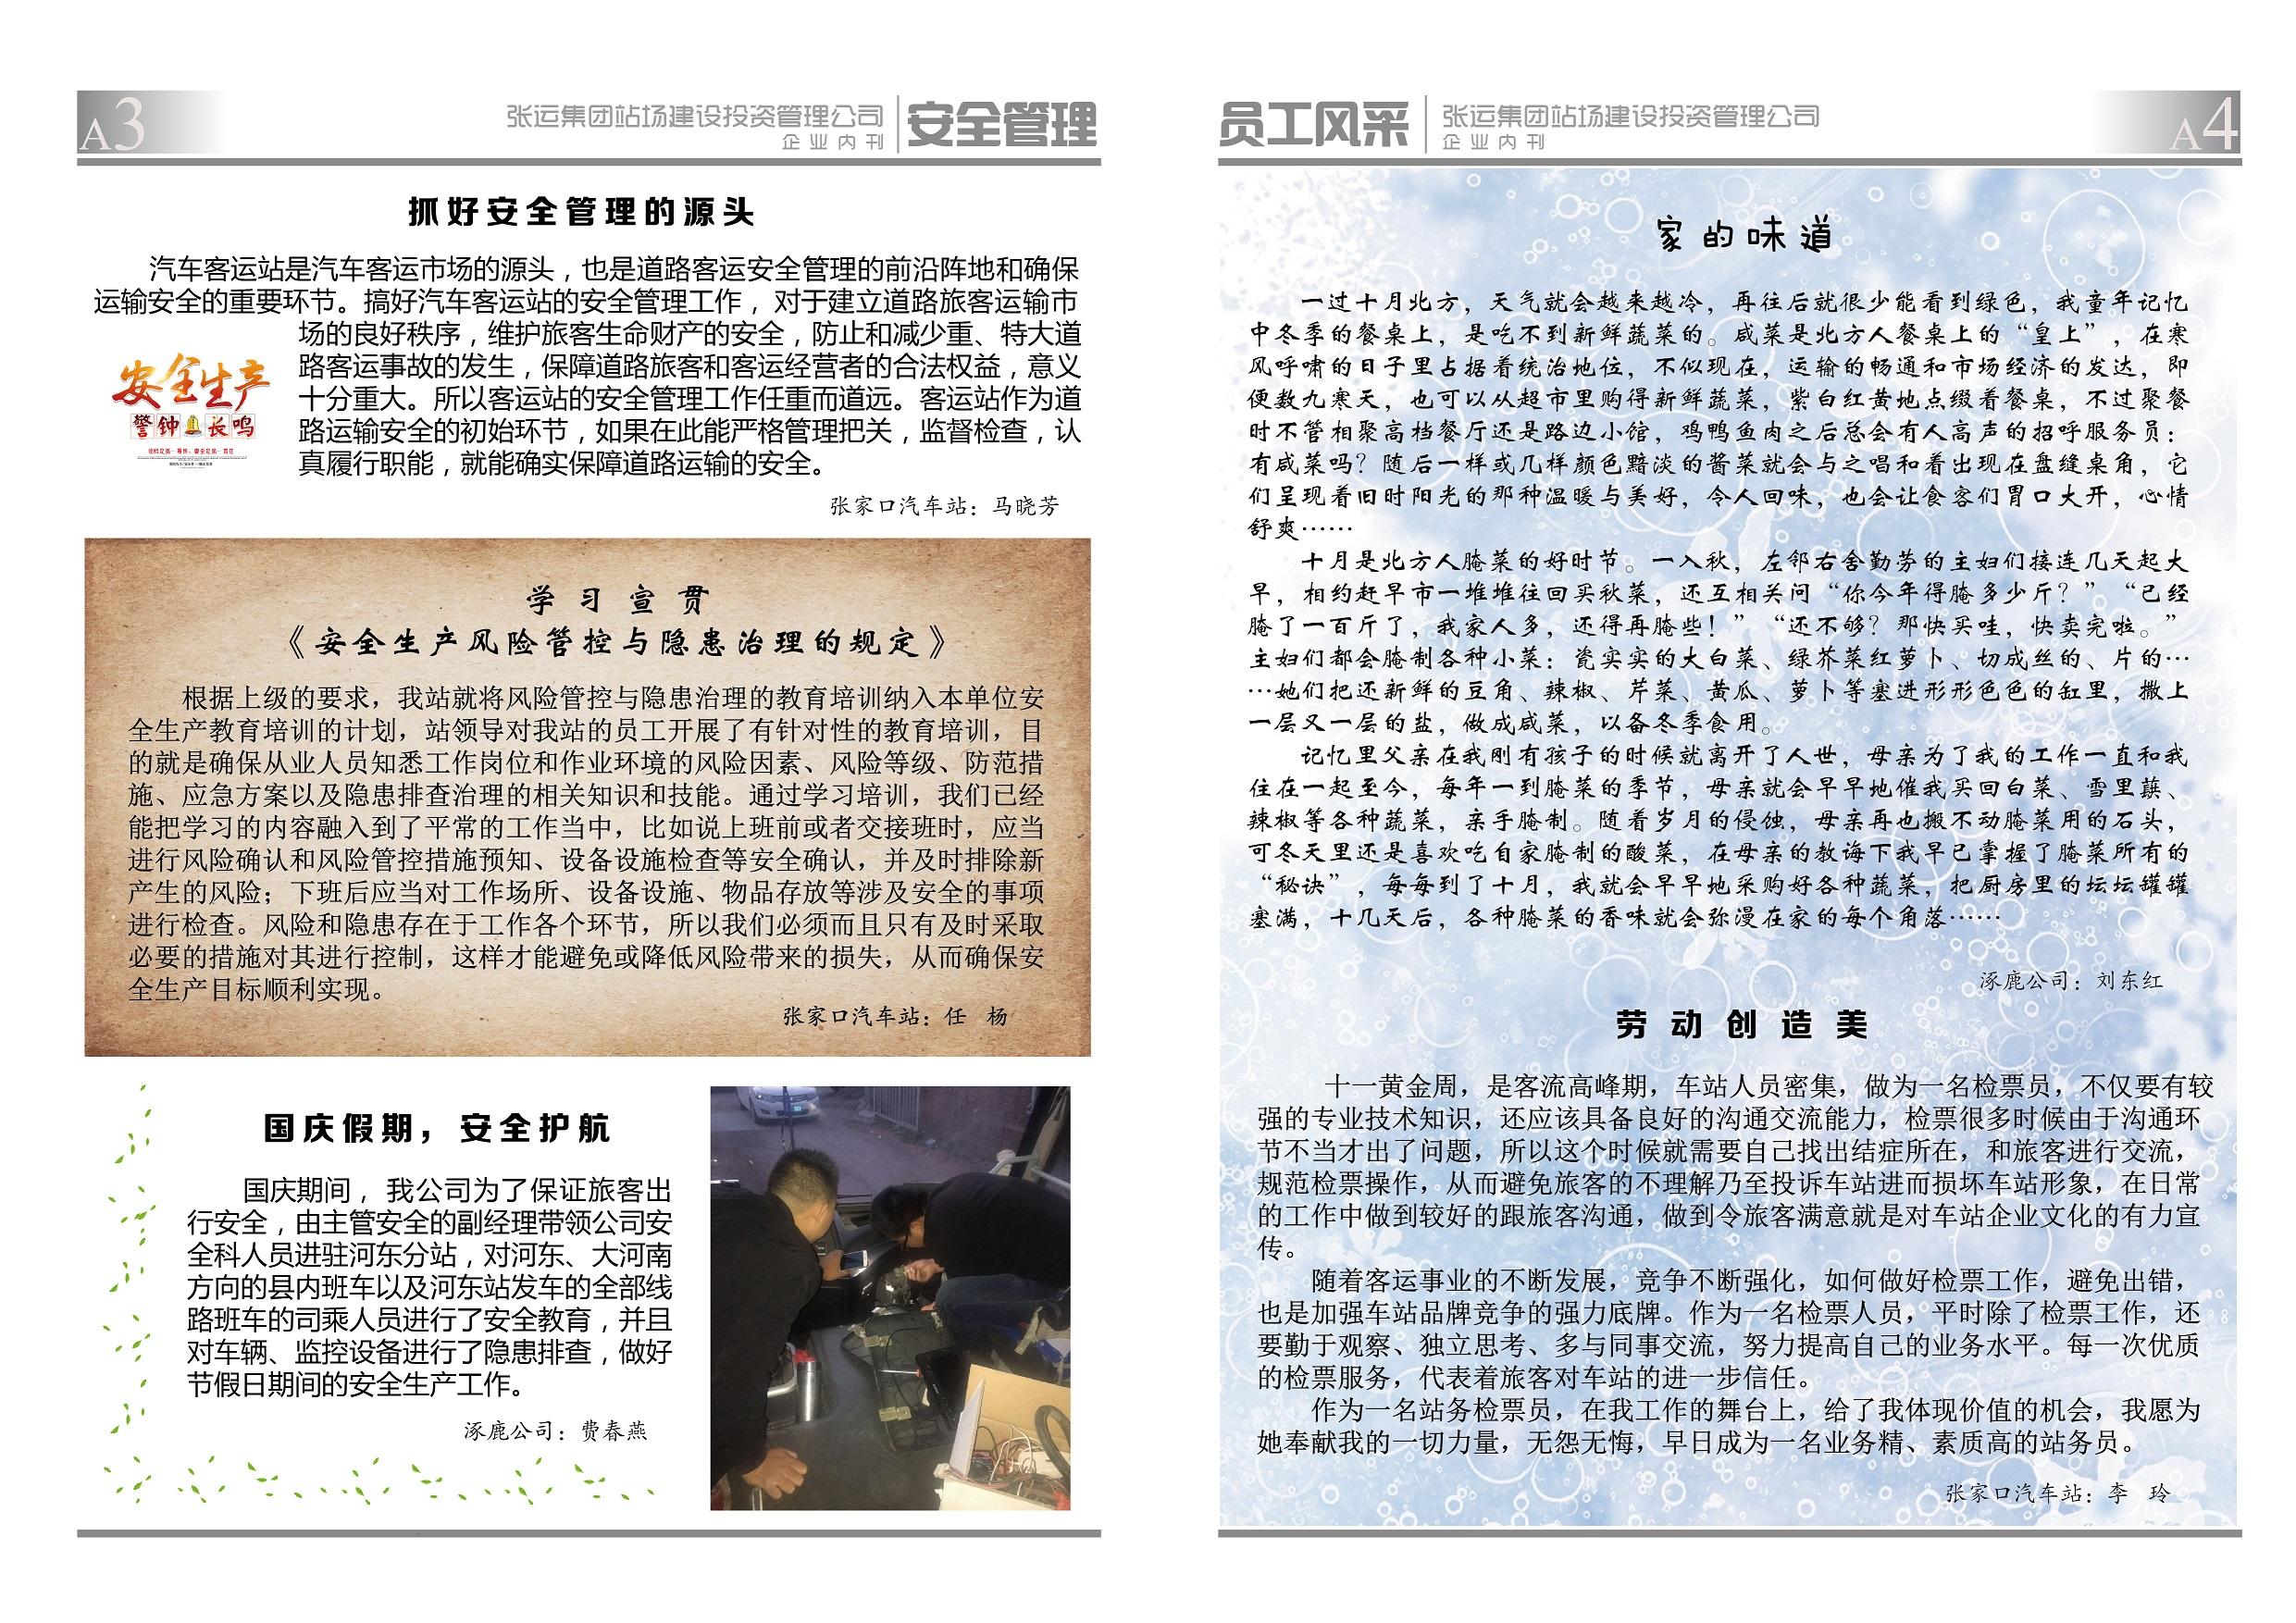 報紙_心心之窗201810b22.jpg